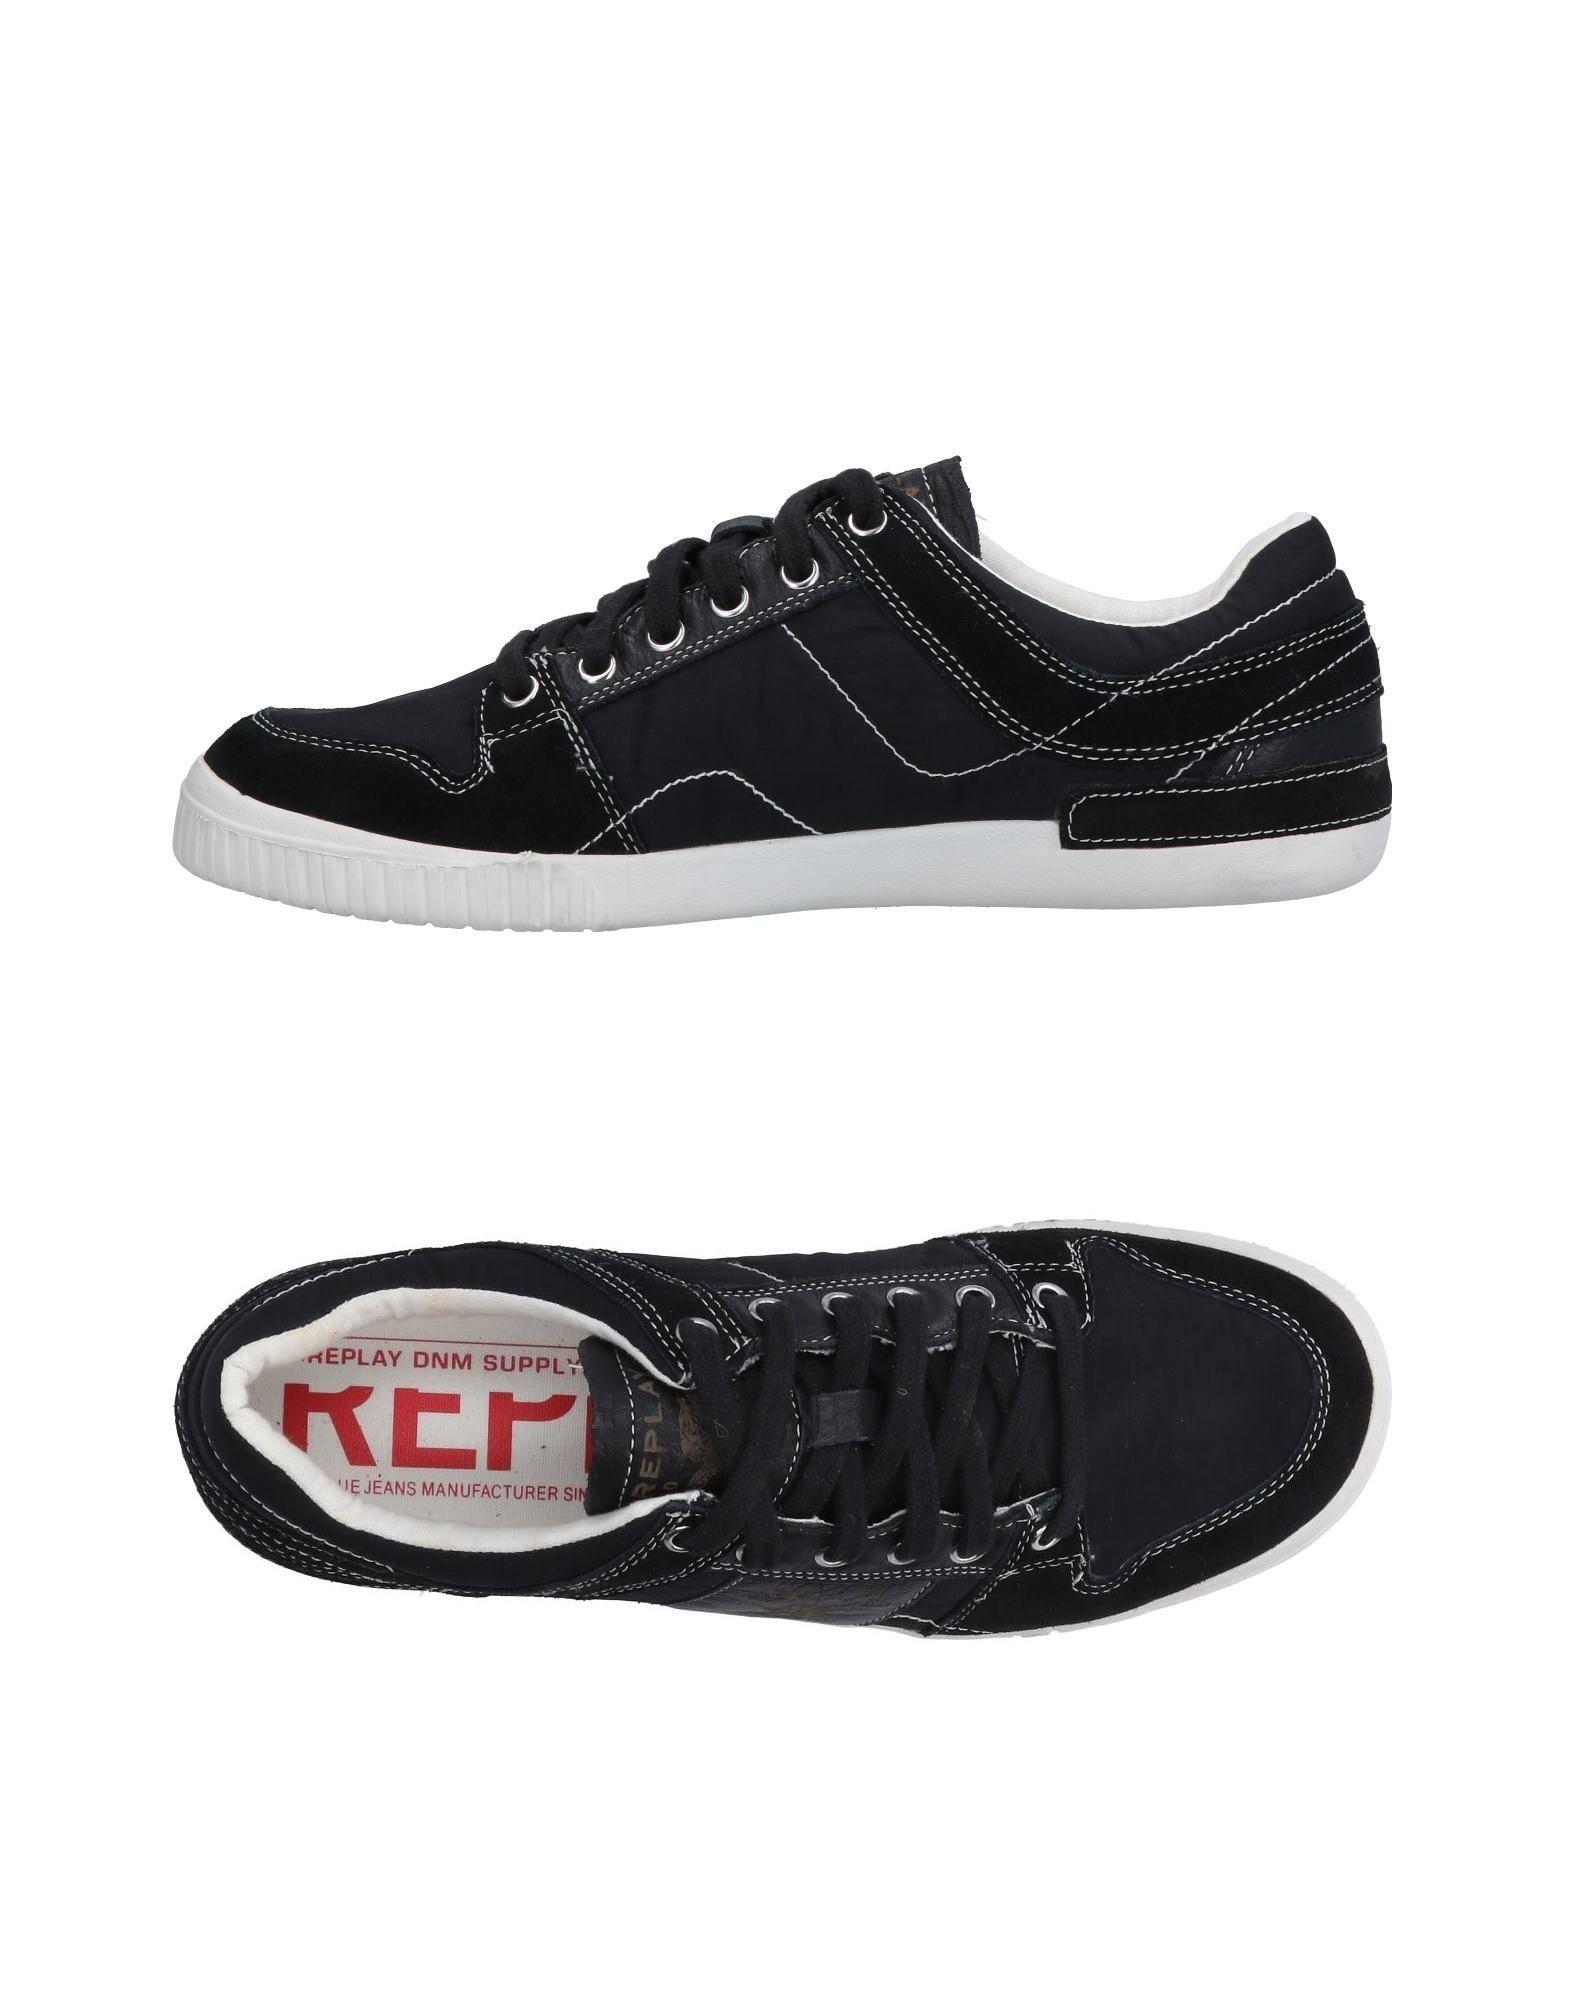 REPLAY Sneakers in Black